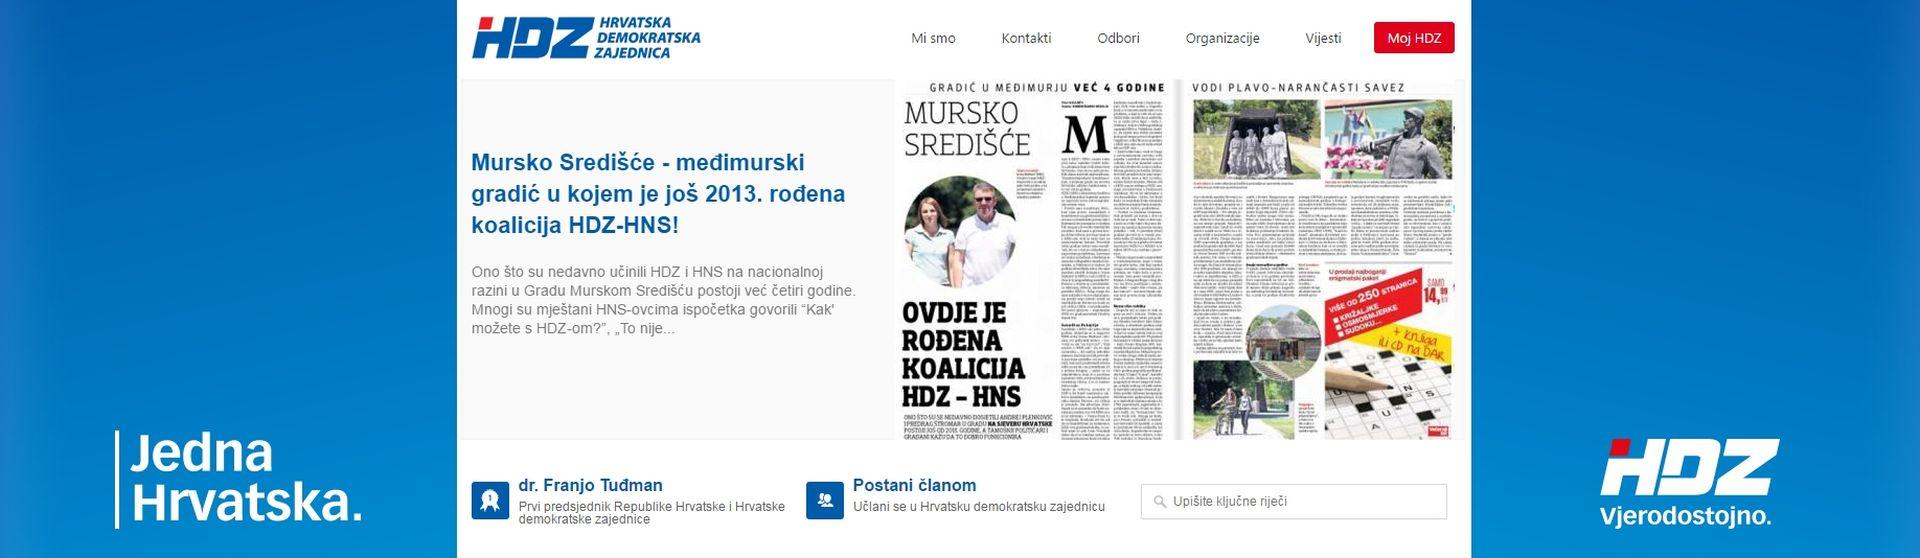 Umjesto rođendana HDZ danas 'slavi' rođendan koalicije HDZ-a i HNS-a